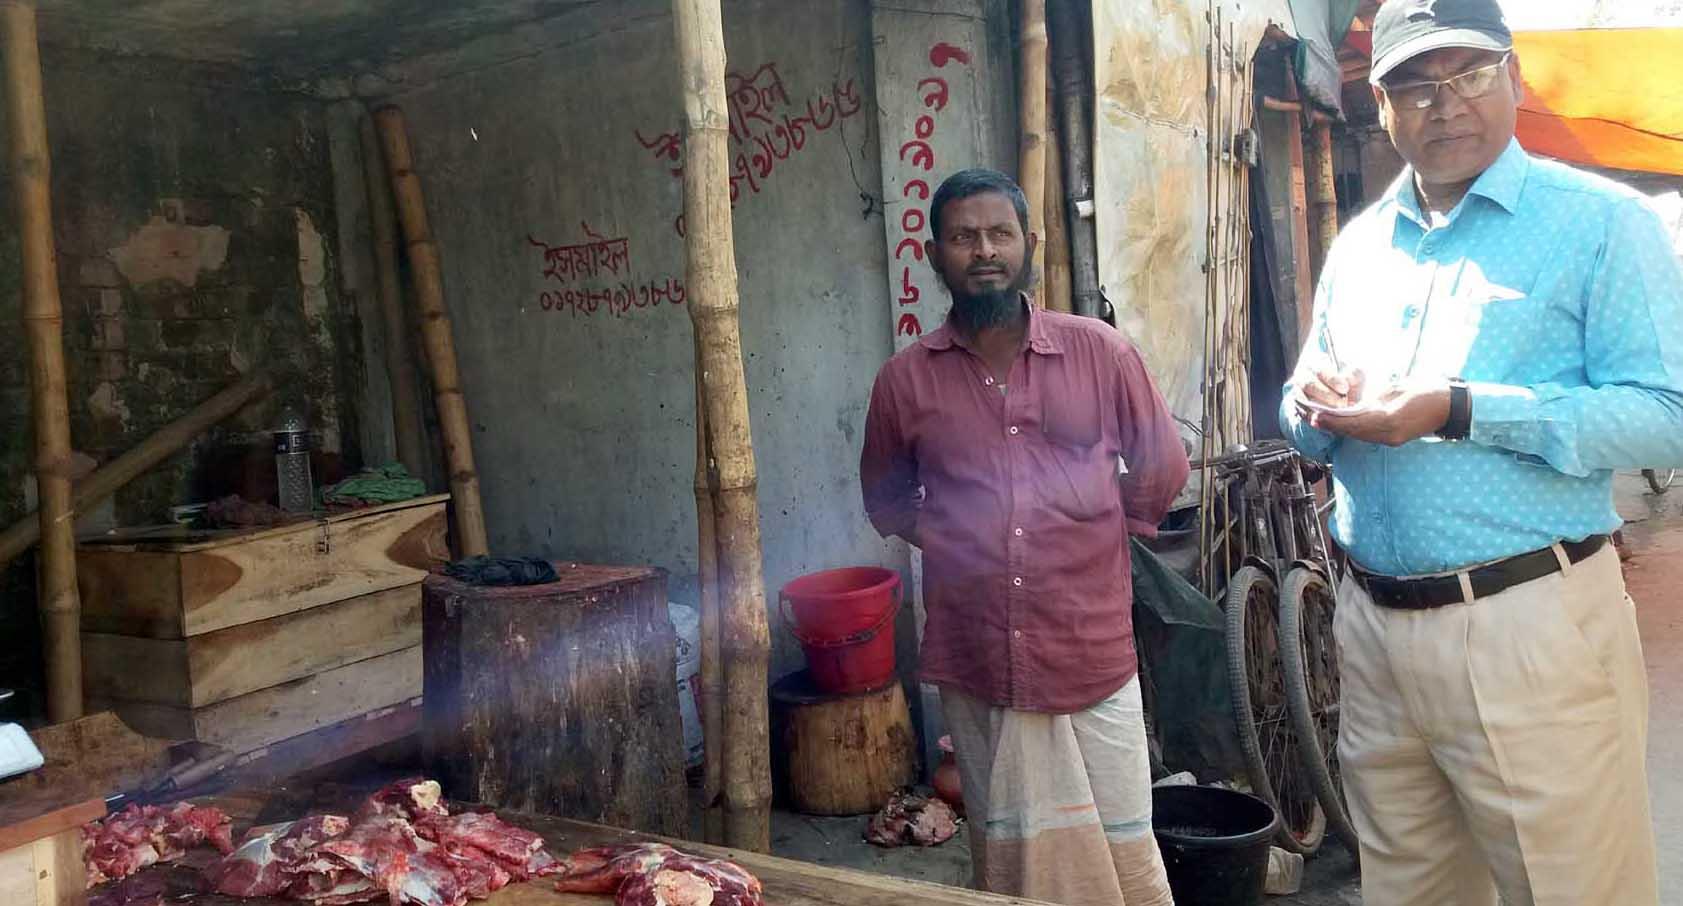 পাইকগাছা পৌর বাজারে অস্বাস্থ্যকর পরিবেশে বিক্রি হচ্ছে মাংস